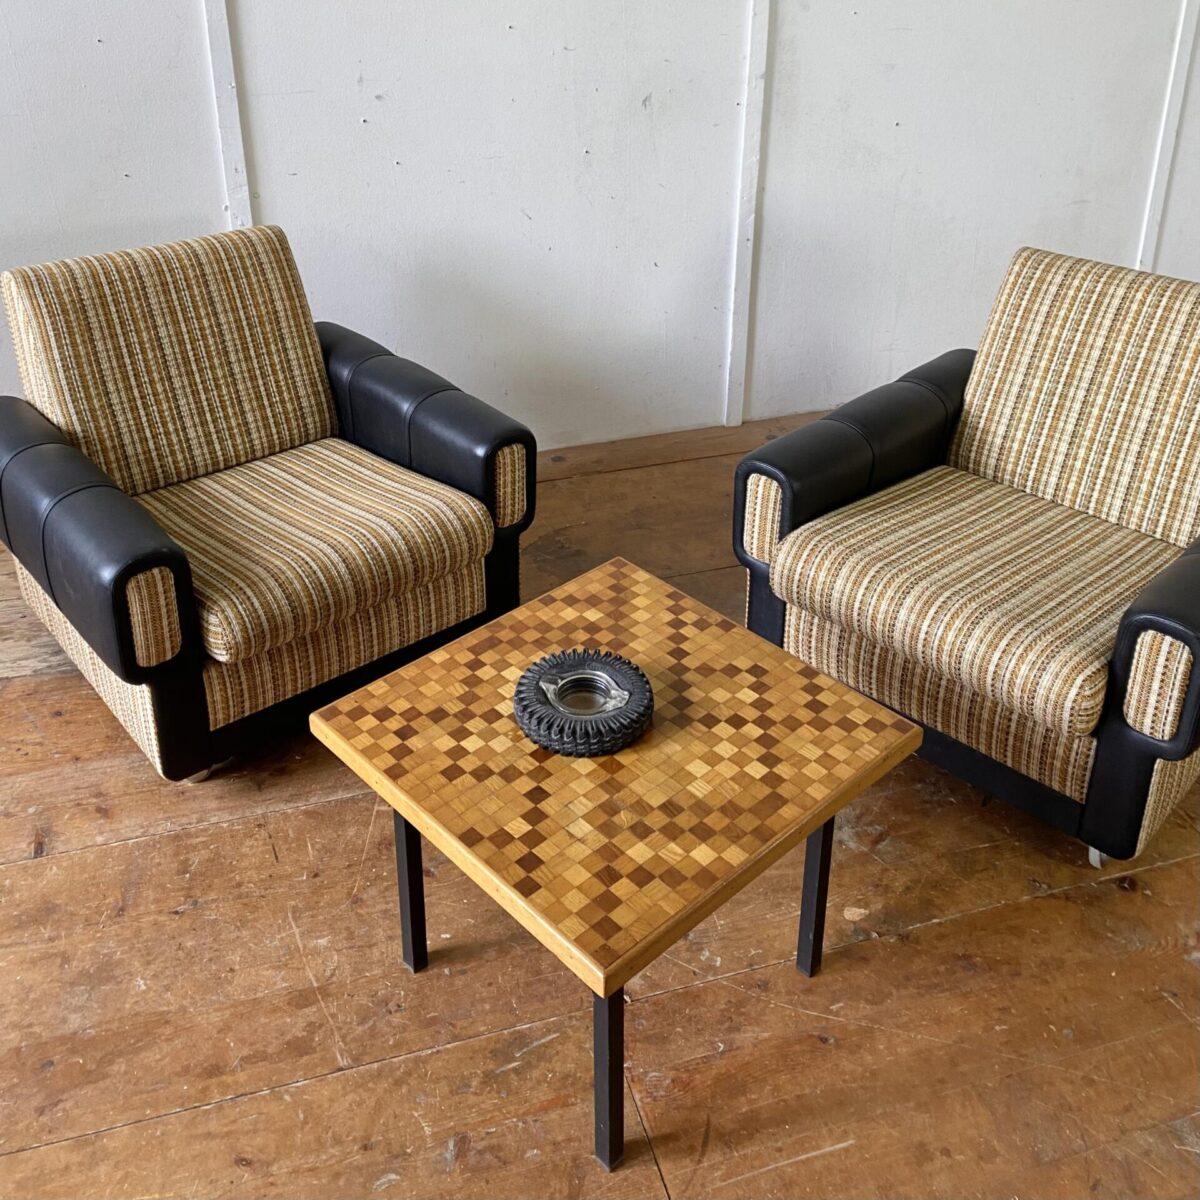 Deuxieme.shop vintage Sessel Zwei Polster Sessel mit Rollen aus den 60er Jahren. 82x82cm Höhe 73cm Sitzhöhe 38cm Preis pro Stück. Die Sessel sind in gutem sauberen Zustand. Braun-beige gemusterter Wollstoff, die Seitenteile sind Kunstleder. Der Kleine salontisch ist ebenfalls verfügbar 55x55cm Höhe 42cm. 90.-